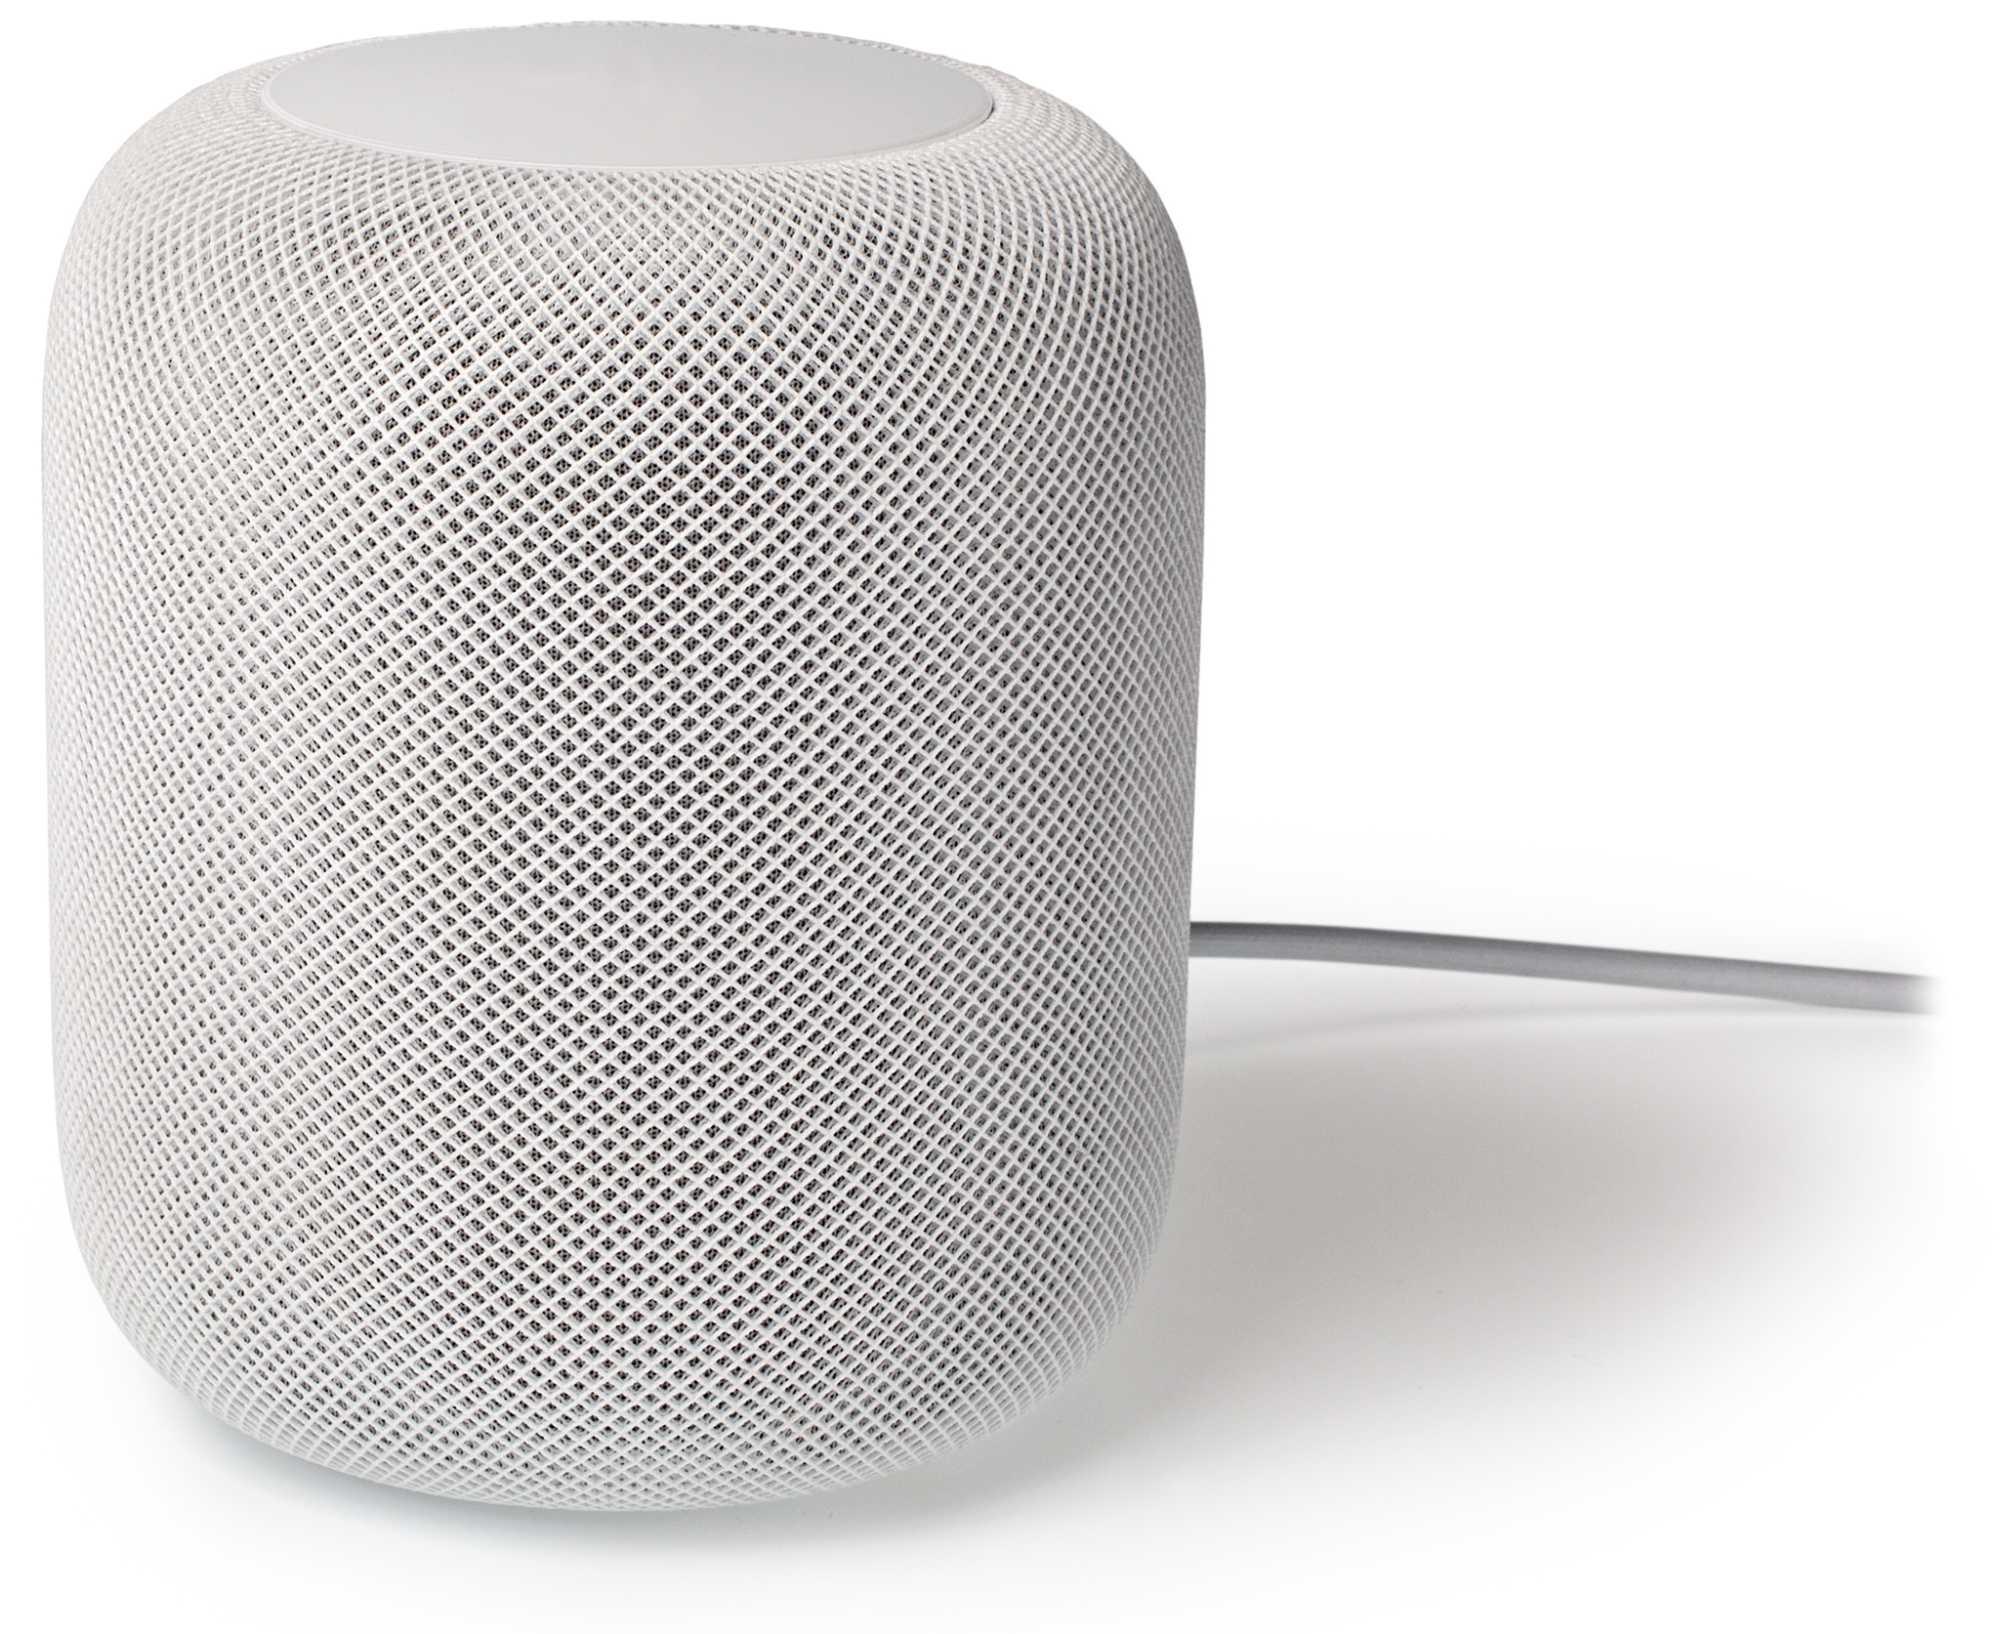 Apple brachte erst im Februar 2018 Siri auf den Smart-Speaker HomePod in Deutschland heraus.